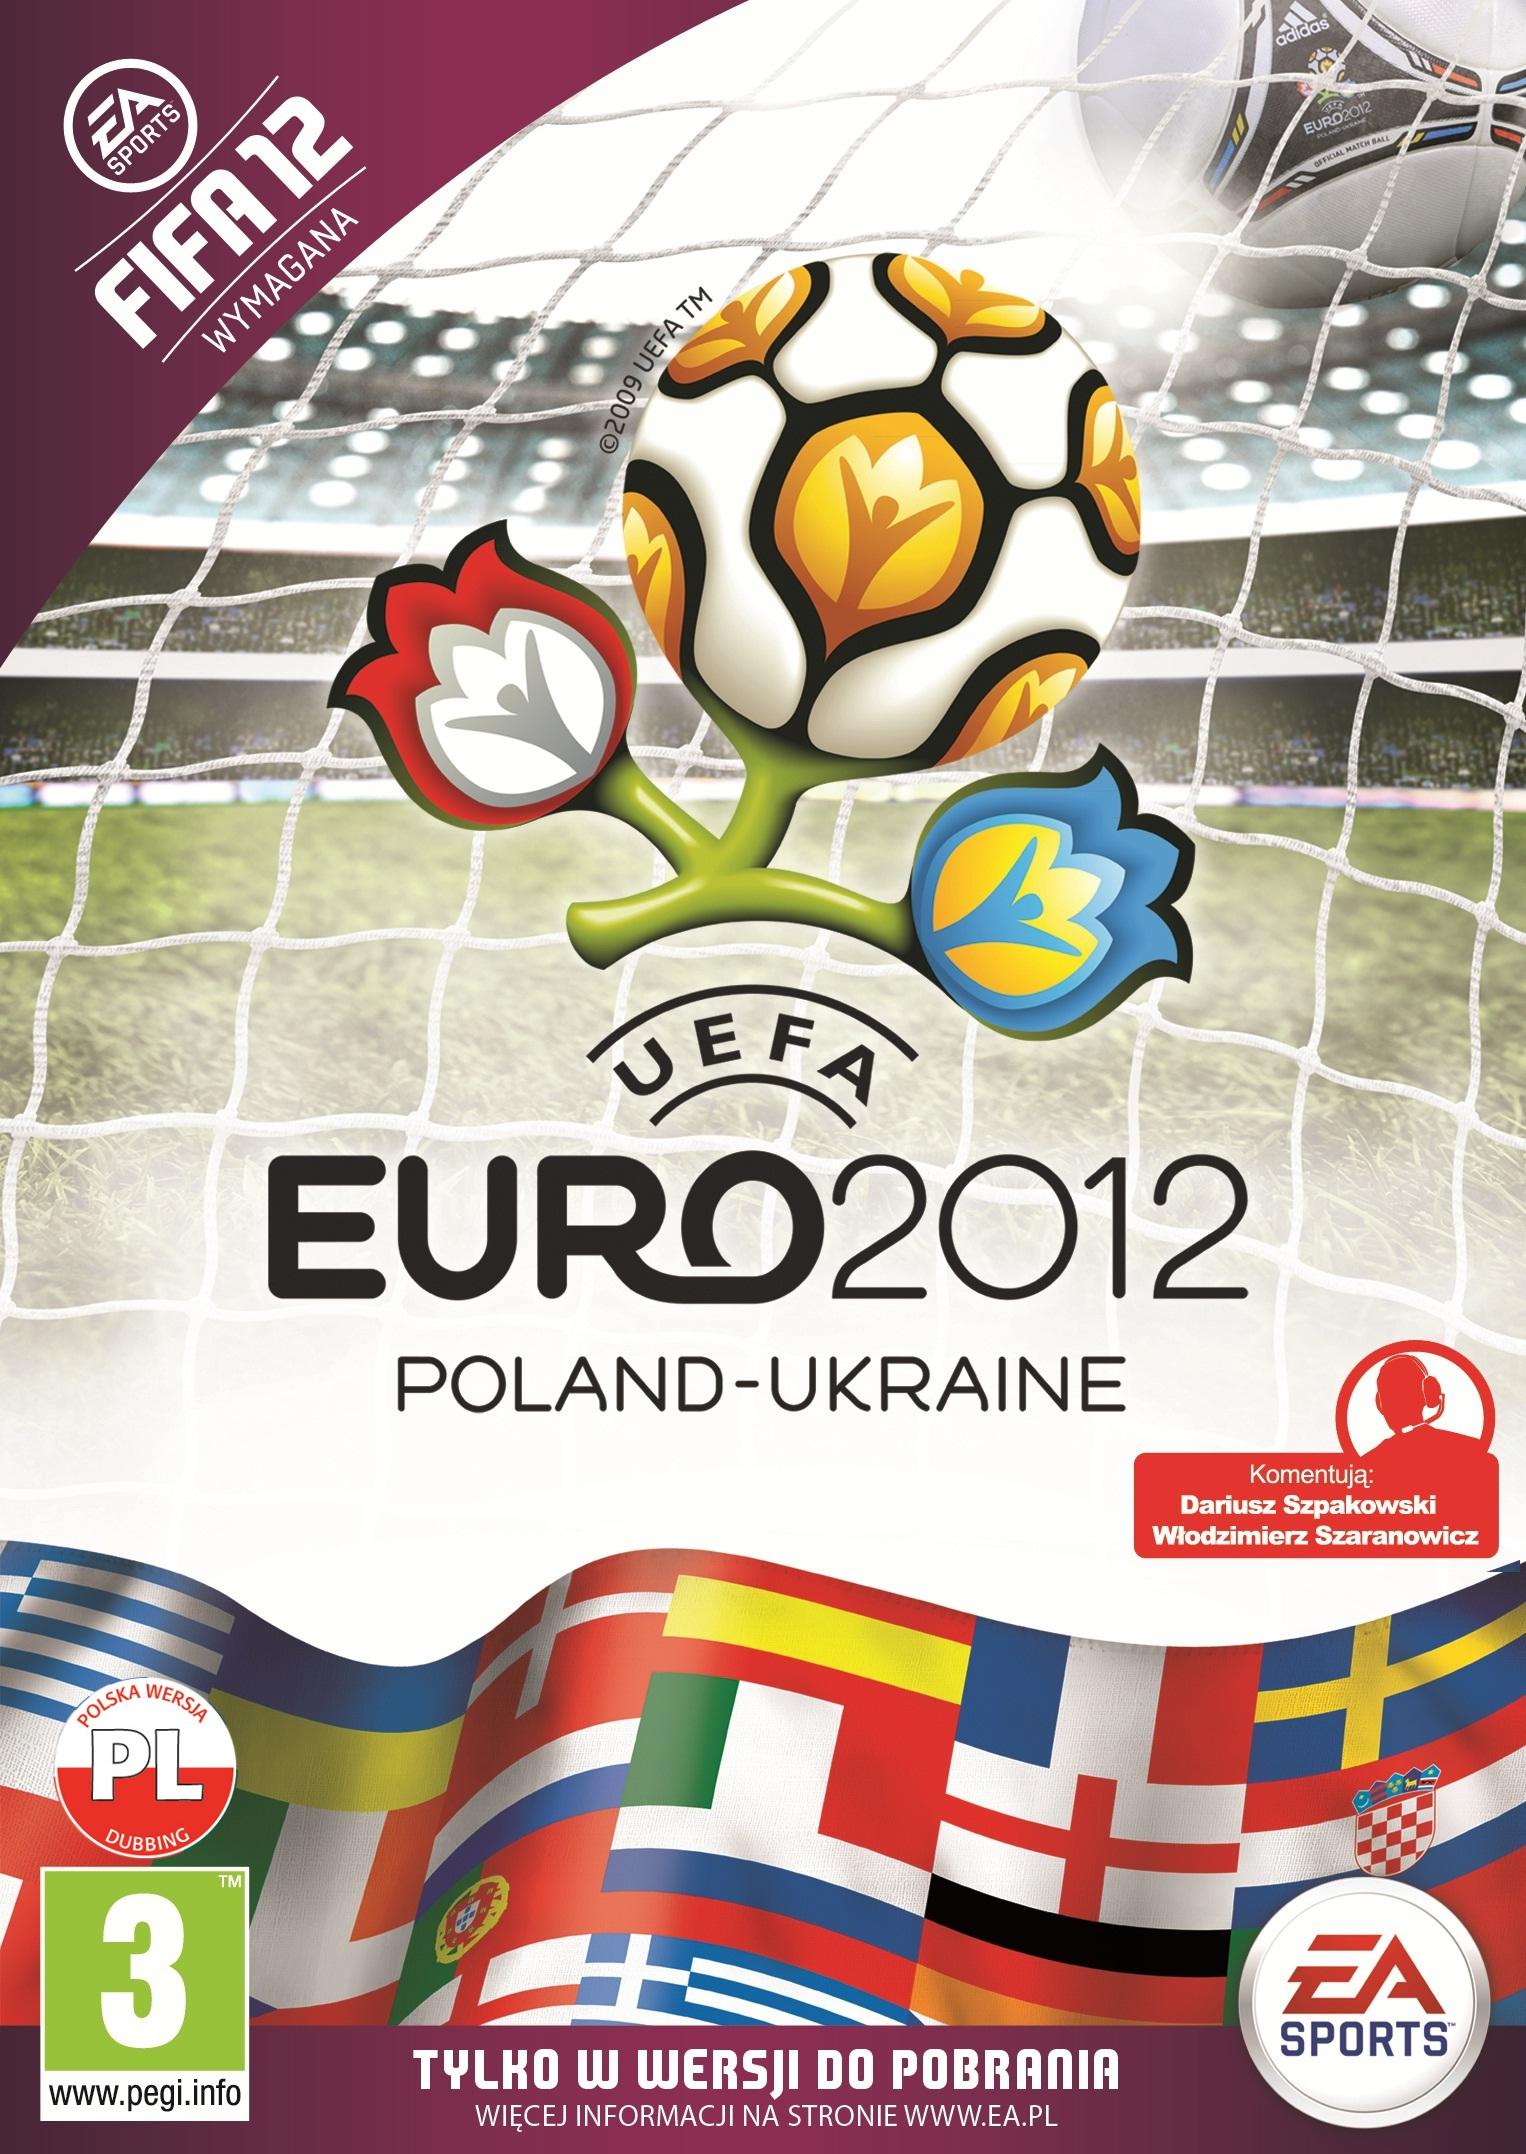 Через торрент UEFA Euro 2012 скачать.